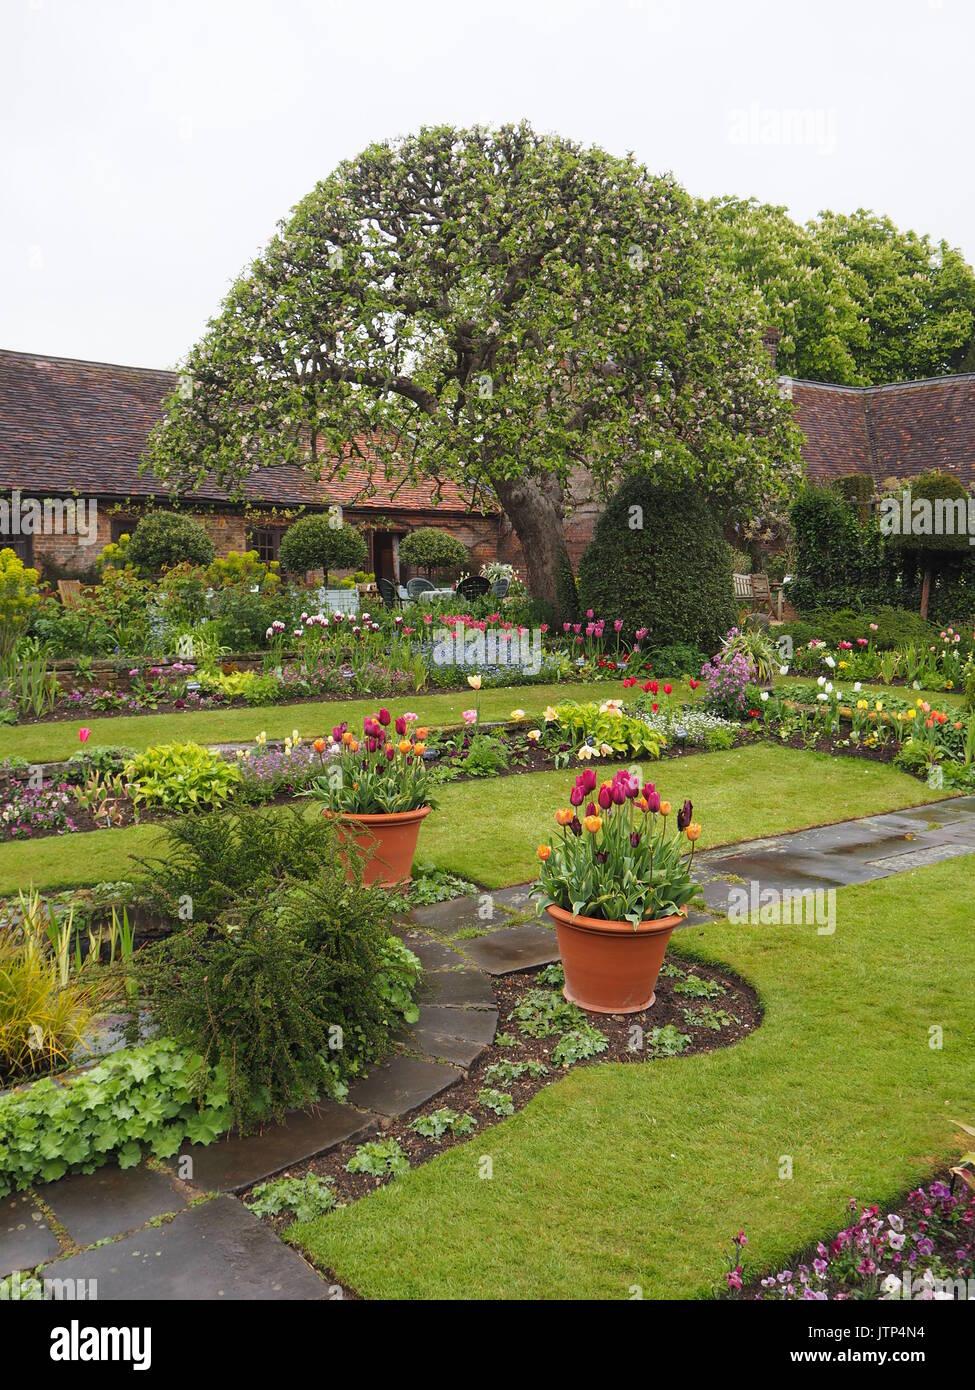 Chenies Manor giardino,Buckinghamshire. Diagonale di visualizzazione verticale del giardino sommerso con melo, sentieri e tulipani sul giorno di pioggia, prati, topiaria da pavimentazione e. Foto Stock